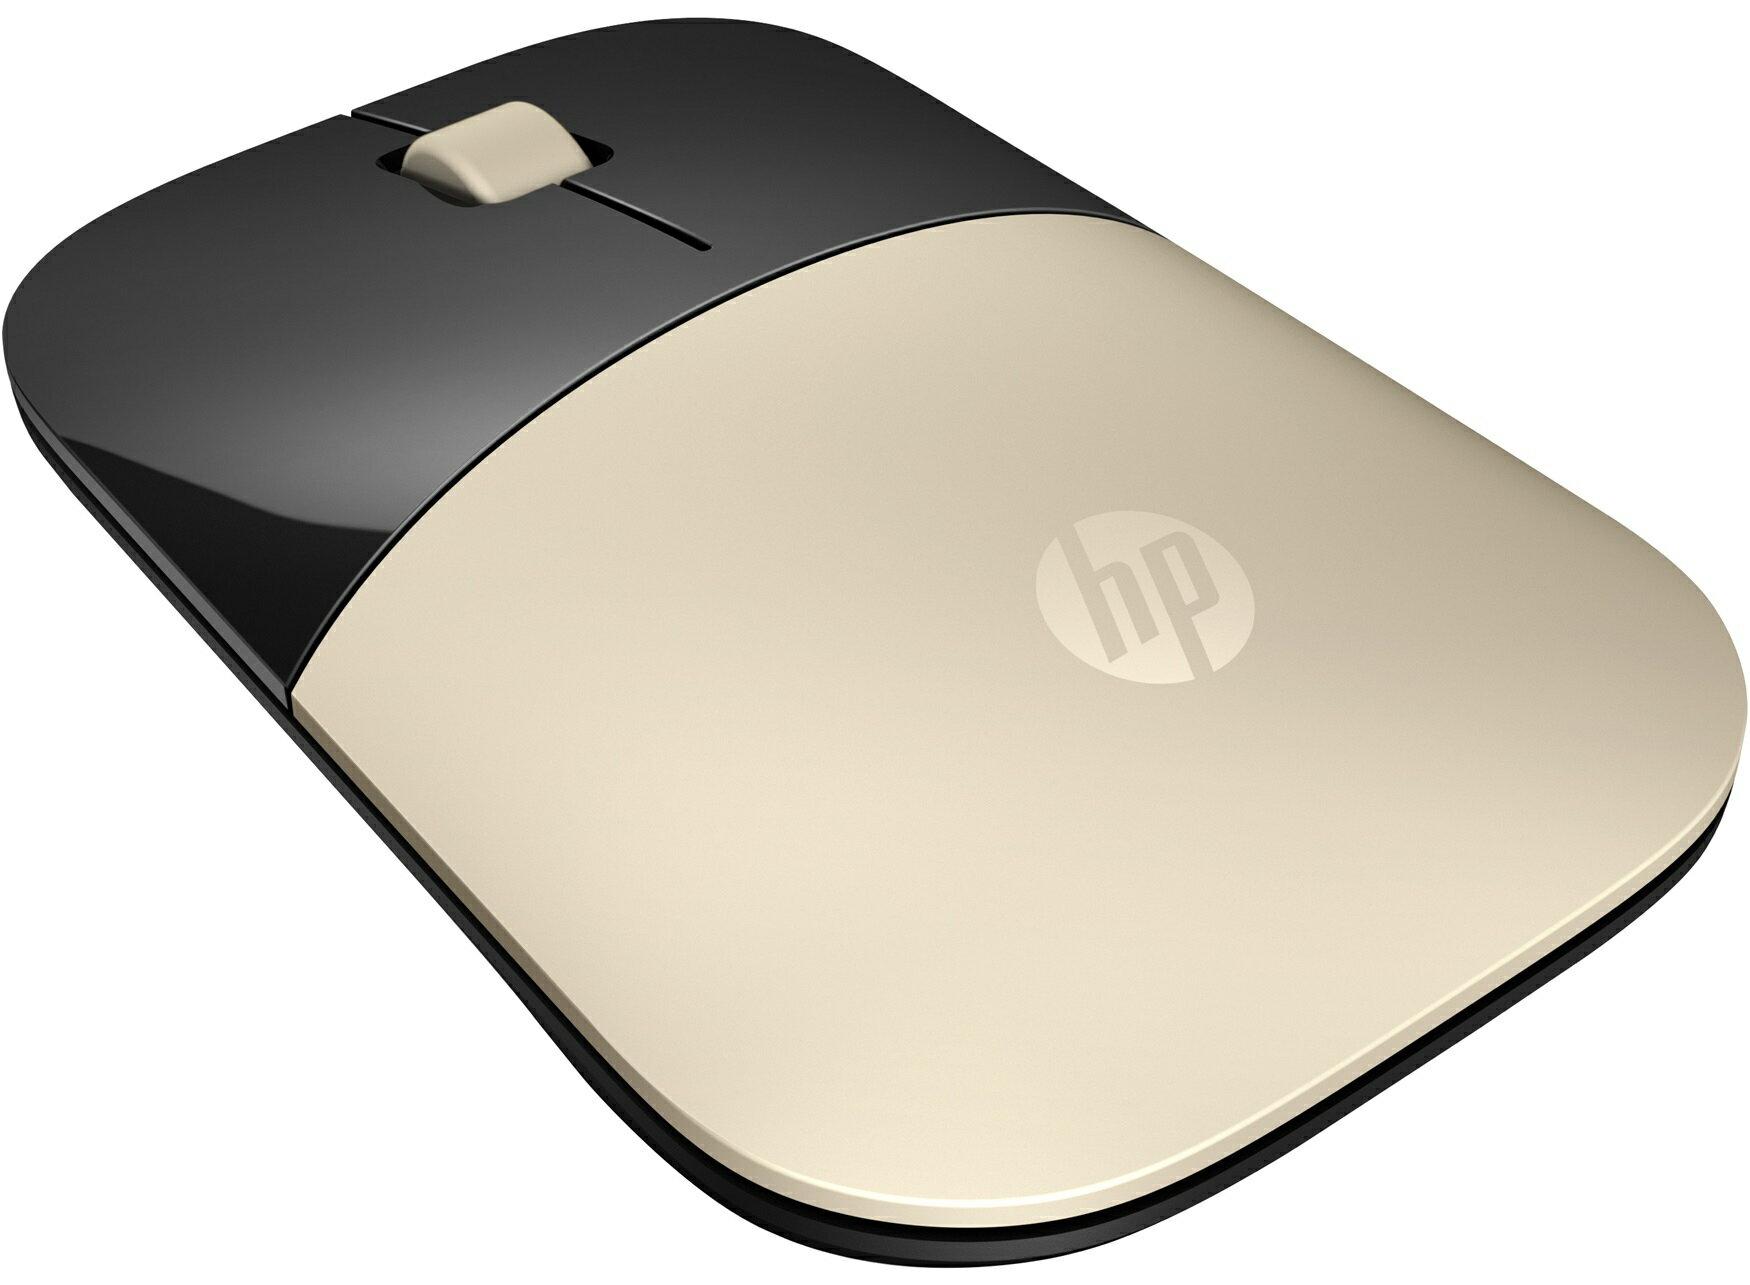 【點數最高16%】HP Z3700 X7Q43AA  Gold Wireless Mouse 無線滑鼠(金色)《免運》※上限1500點 1